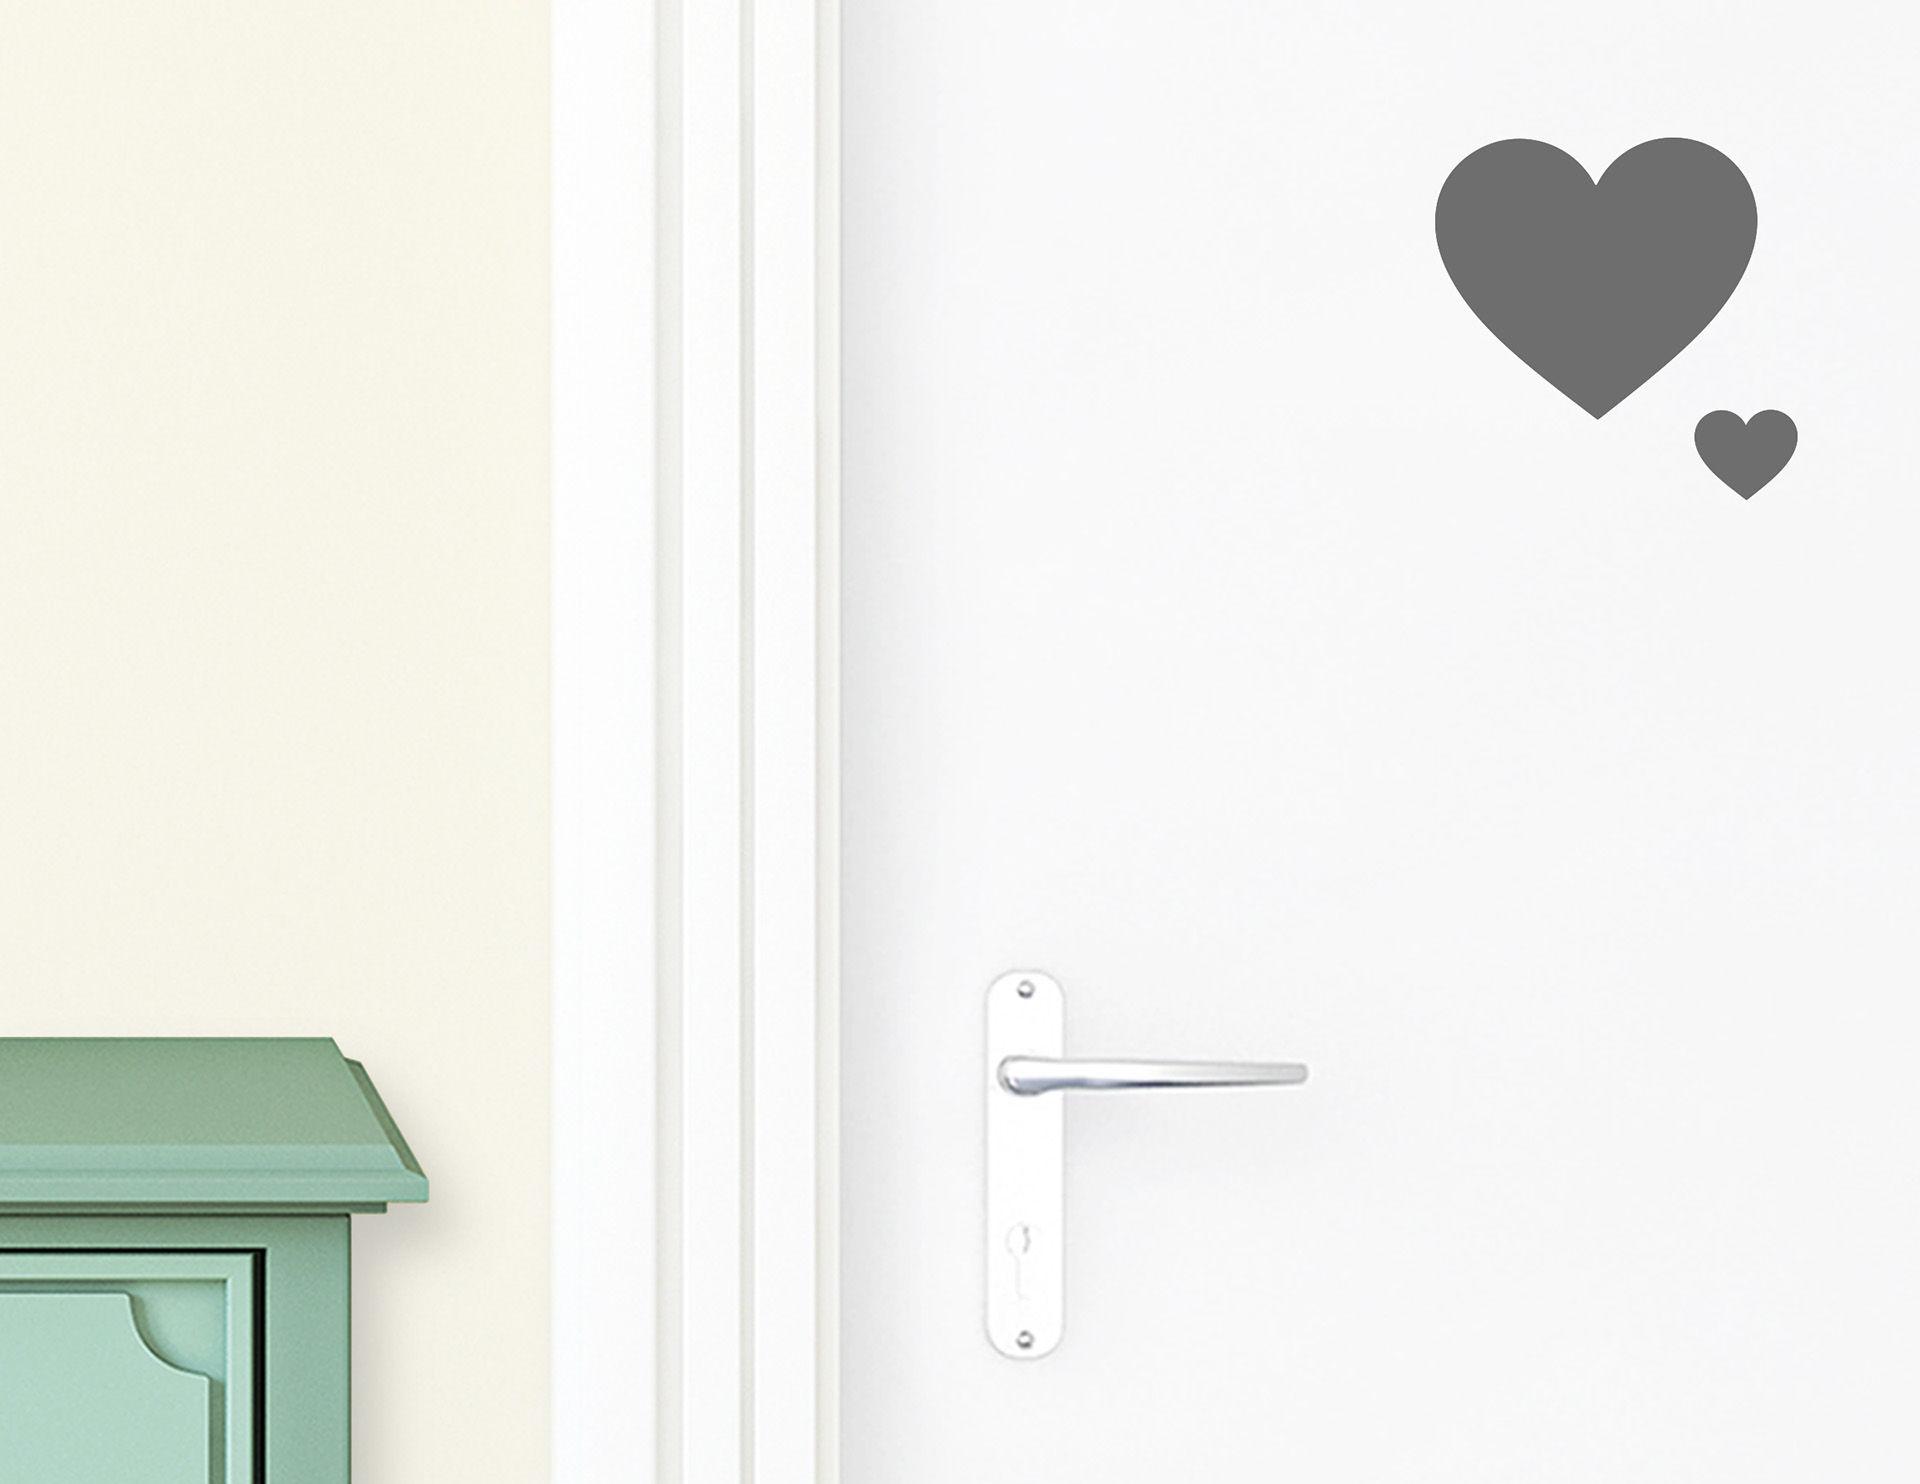 Herzchen - Aufkleber für die Tür in Bad & Gästetoilette